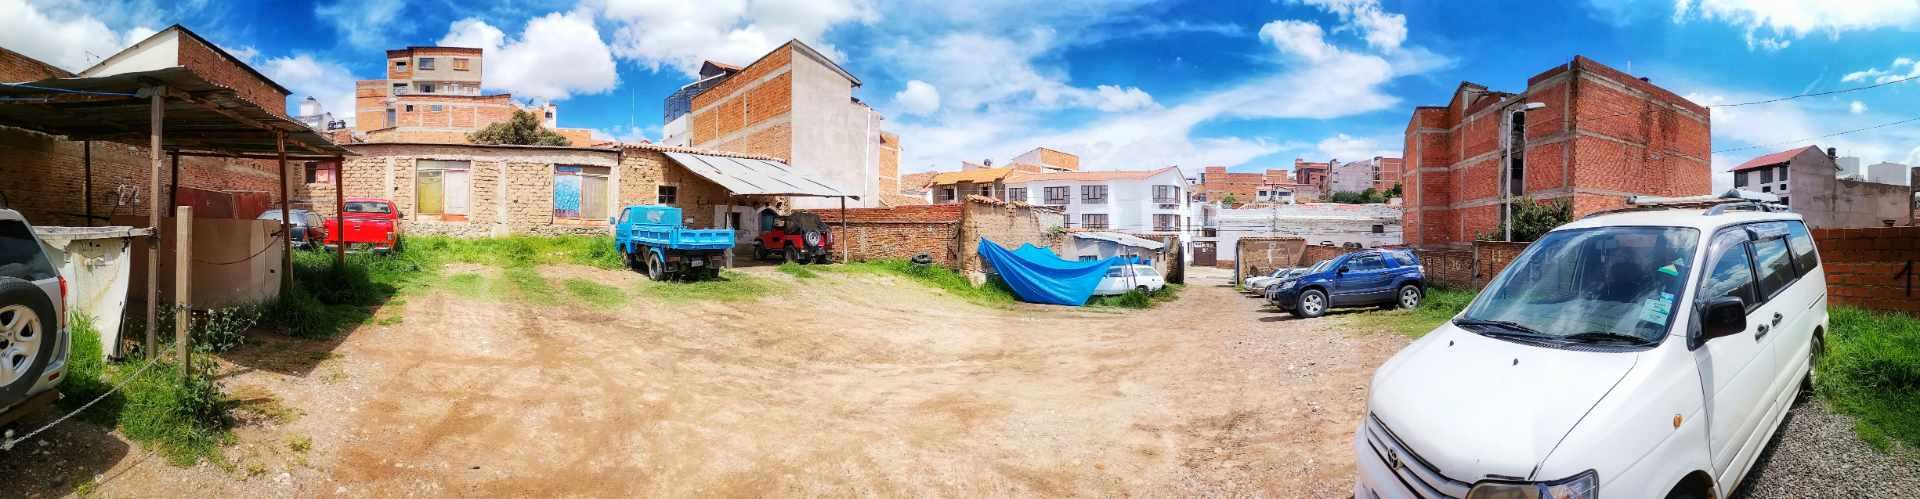 Terreno en Venta Zona Central. Calle Ayacucho nro. 437 Foto 2